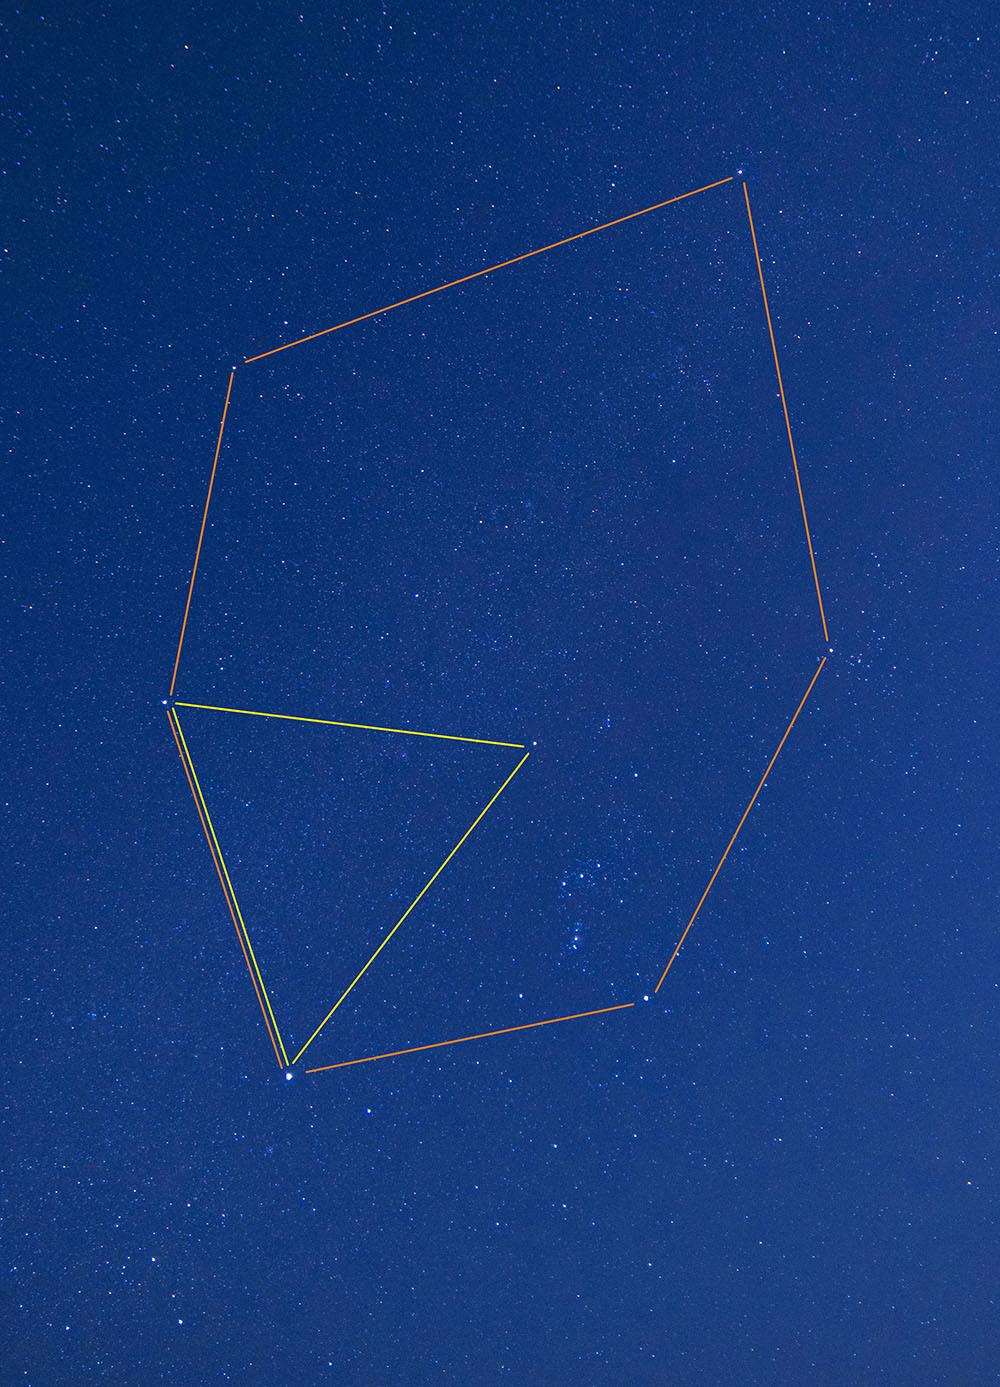 冬のダイヤモンド・冬の大三角形_f0324026_20555312.jpg